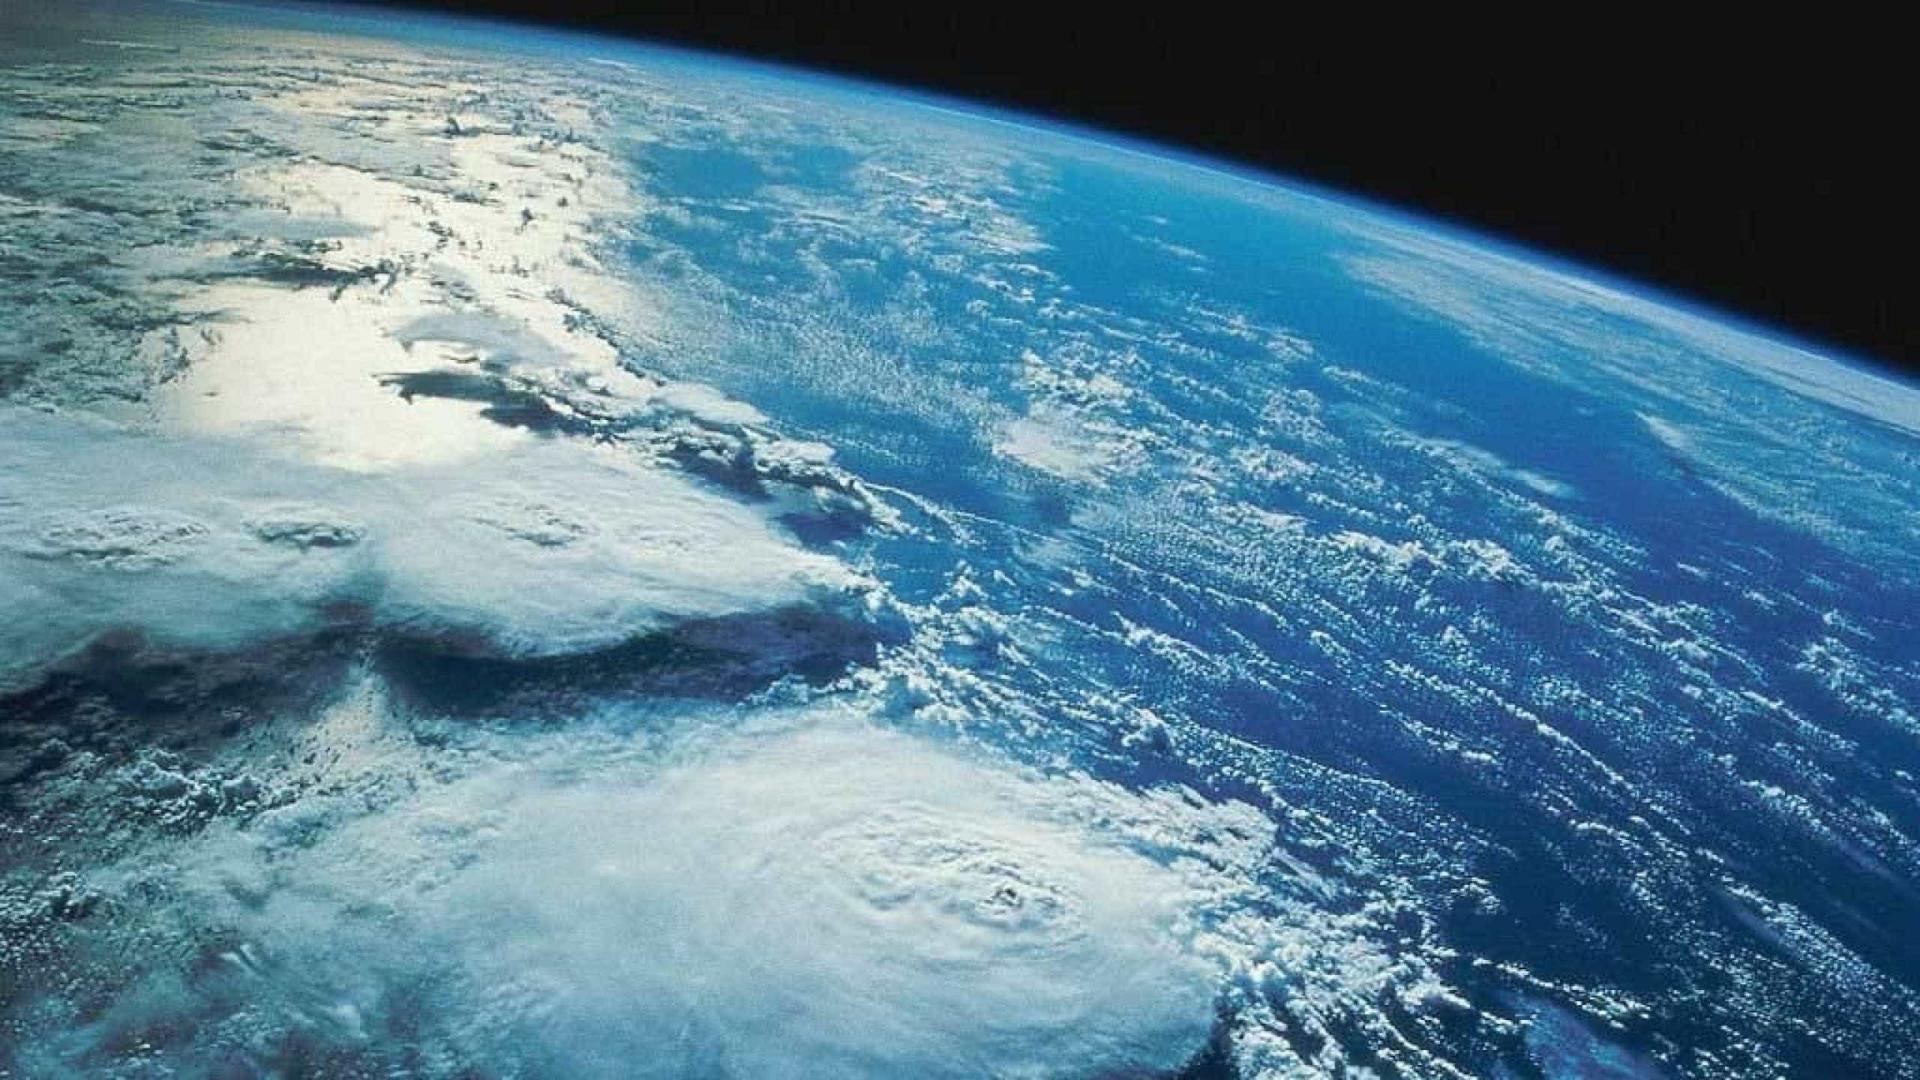 Mudanças no campo magnético da Terra intrigam cientistas